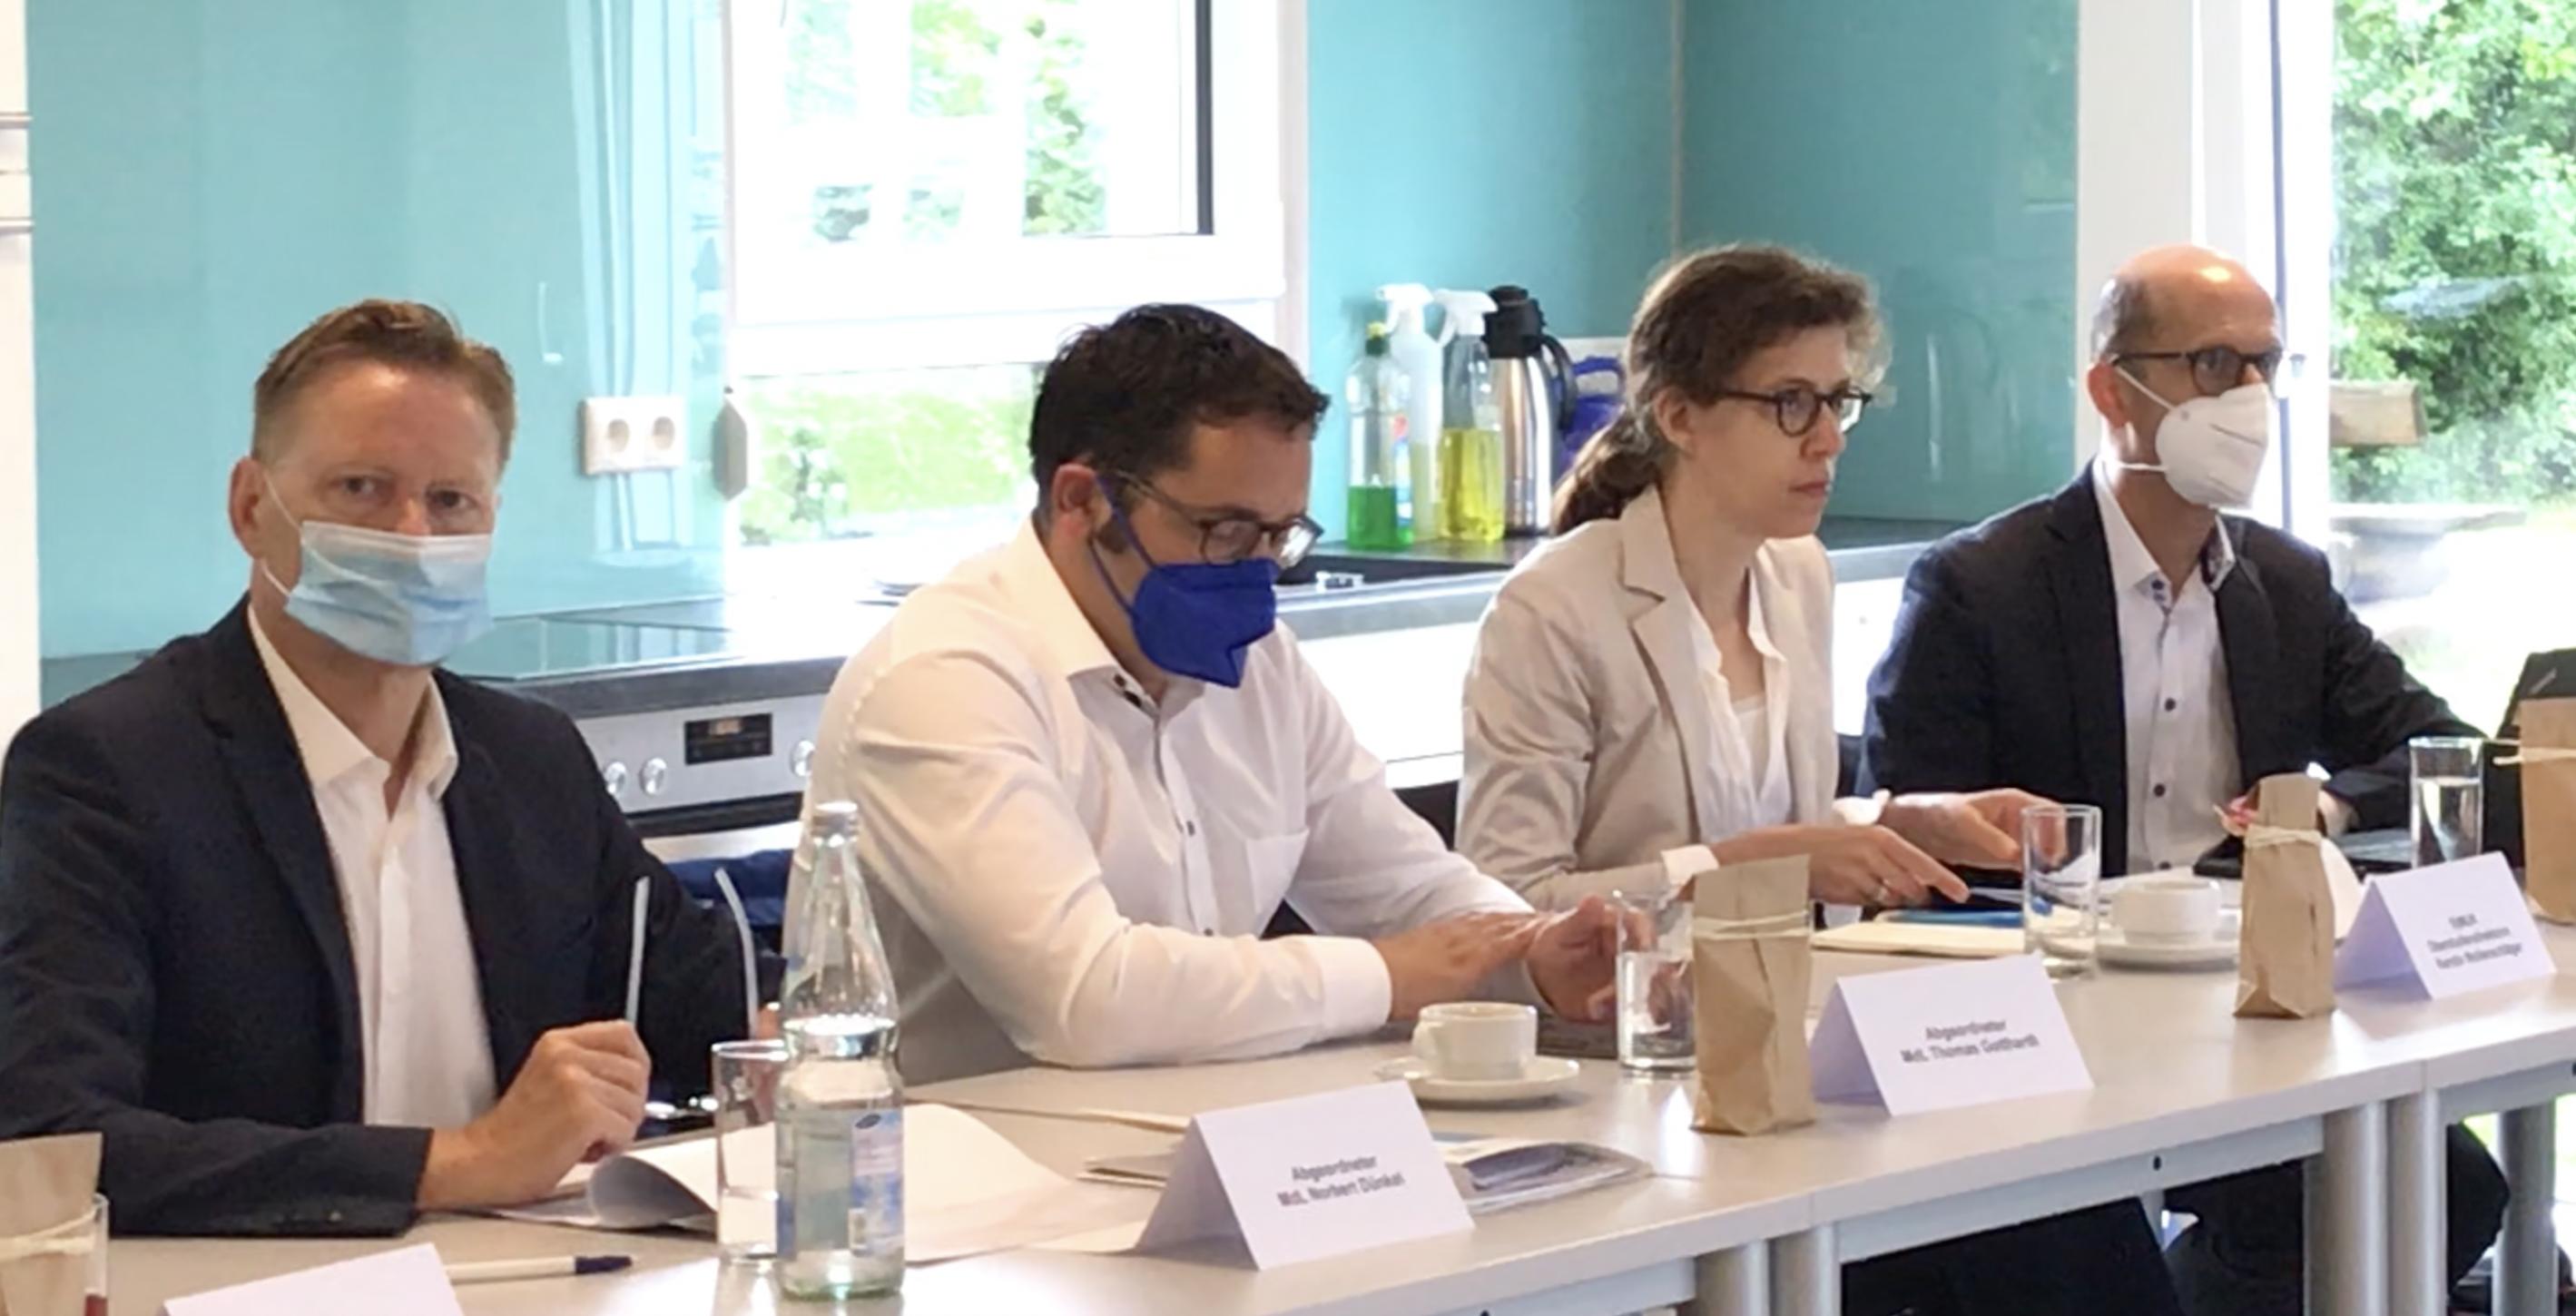 """Zur Vorstellung des Projekts """"Schulstarthelfer"""" der Lebenshilfe Nürnberger Land hatte Landtagsabgeordneter Norbert Dünkel, Vorsitzender der fraktionsübergreifenden Arbeitsgruppe Inklusion (FAGI), Abgeordnete der CSU, FWG, FDP und der GRÜNEN eingeladen."""